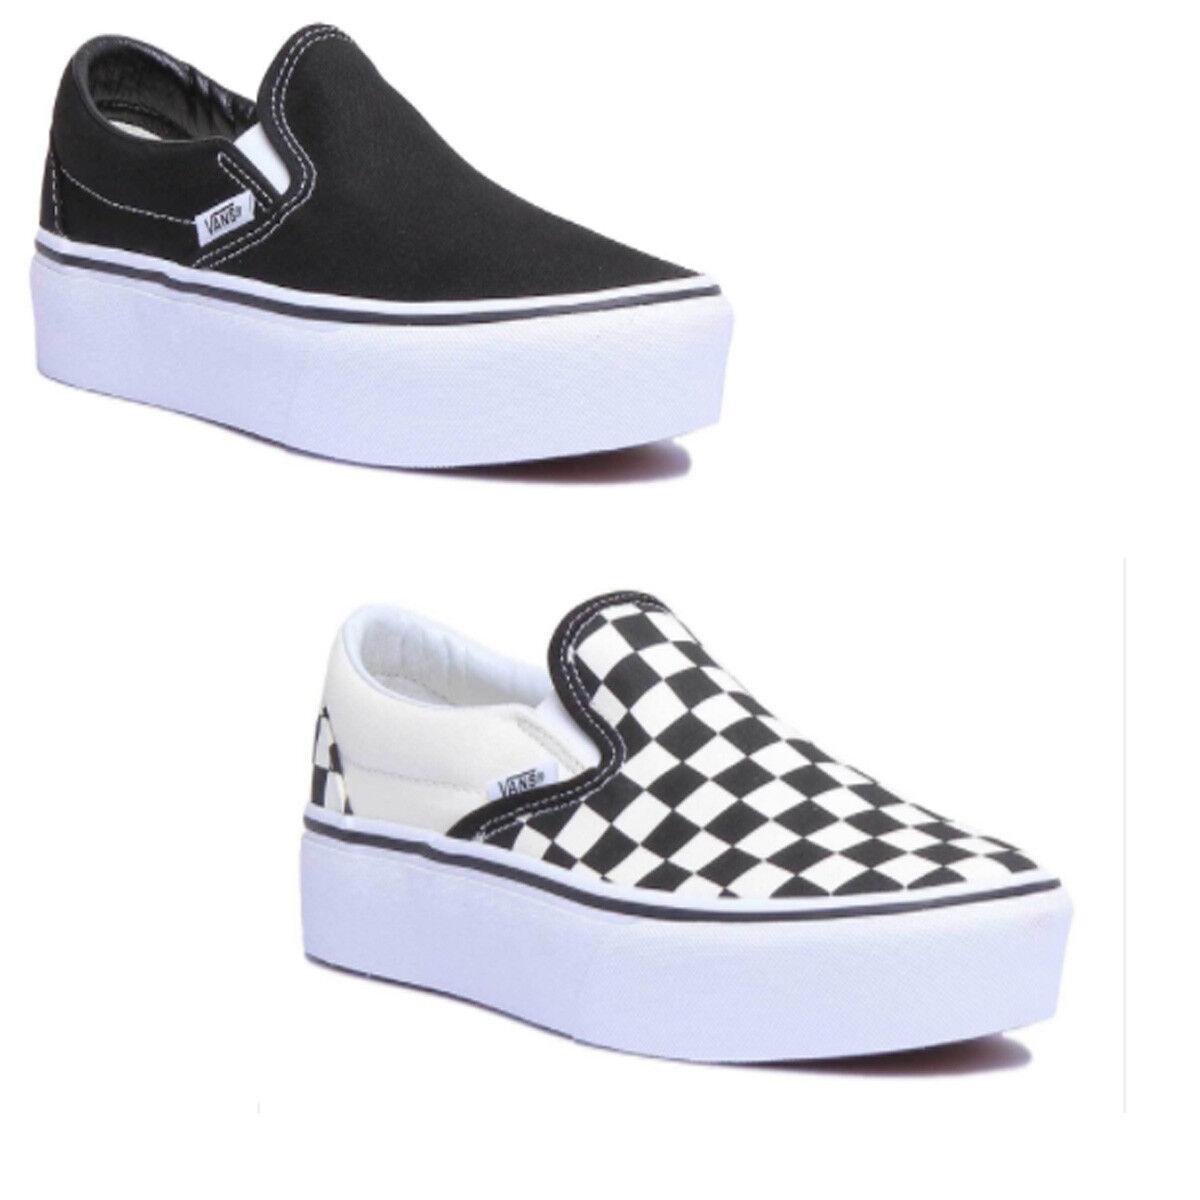 Vans Checkerboard Classic À Enfiler Plateforme Femmes Toile Toile Toile Black White Baskets | Dans Un Style élégant  4a35a9